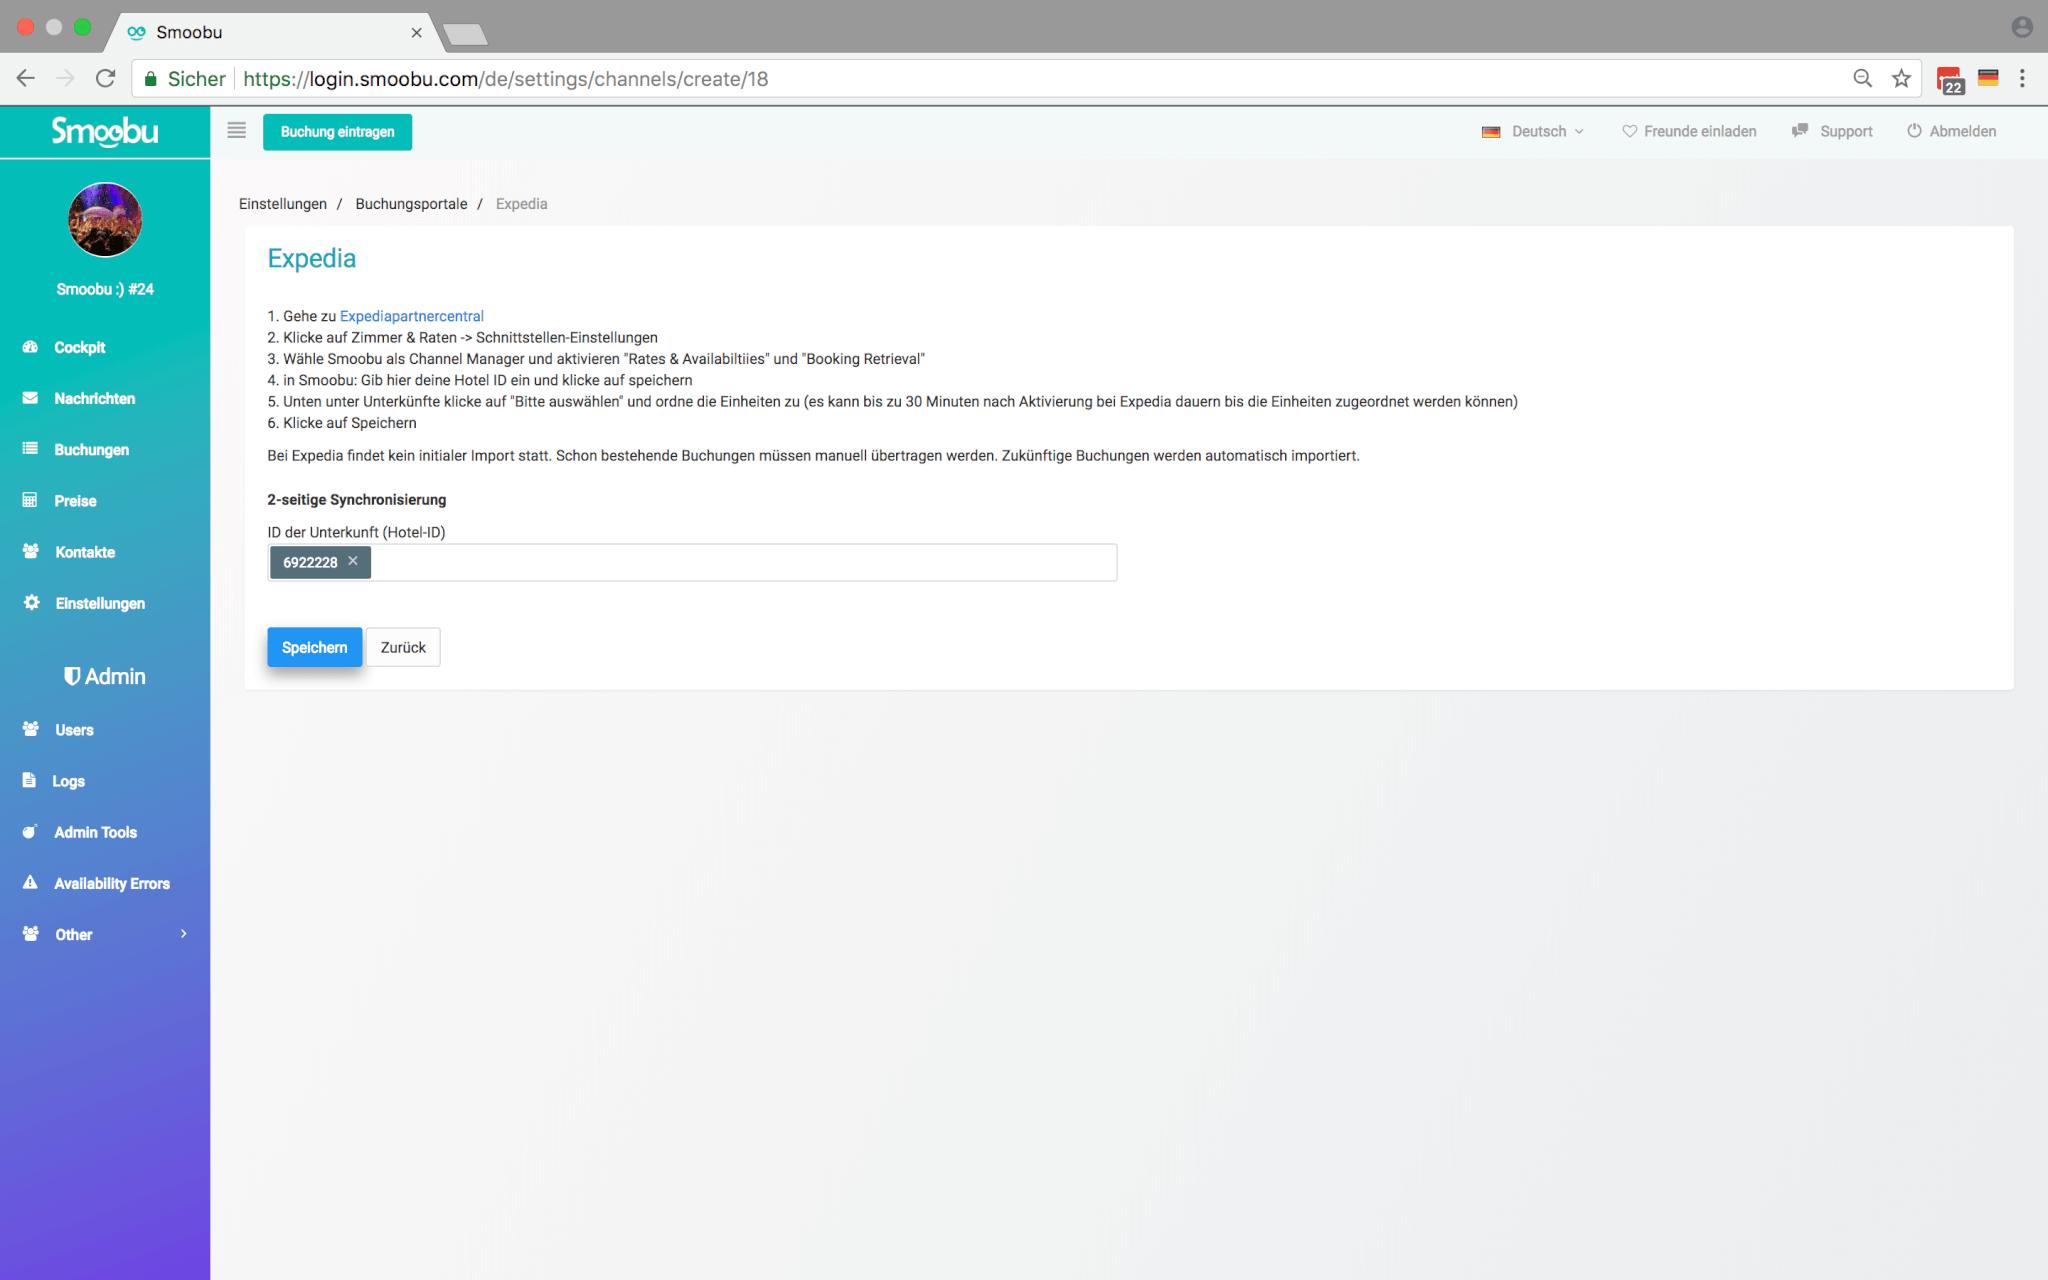 Verbinden Expedia mit Smoobu Channel Manager aus der Portal